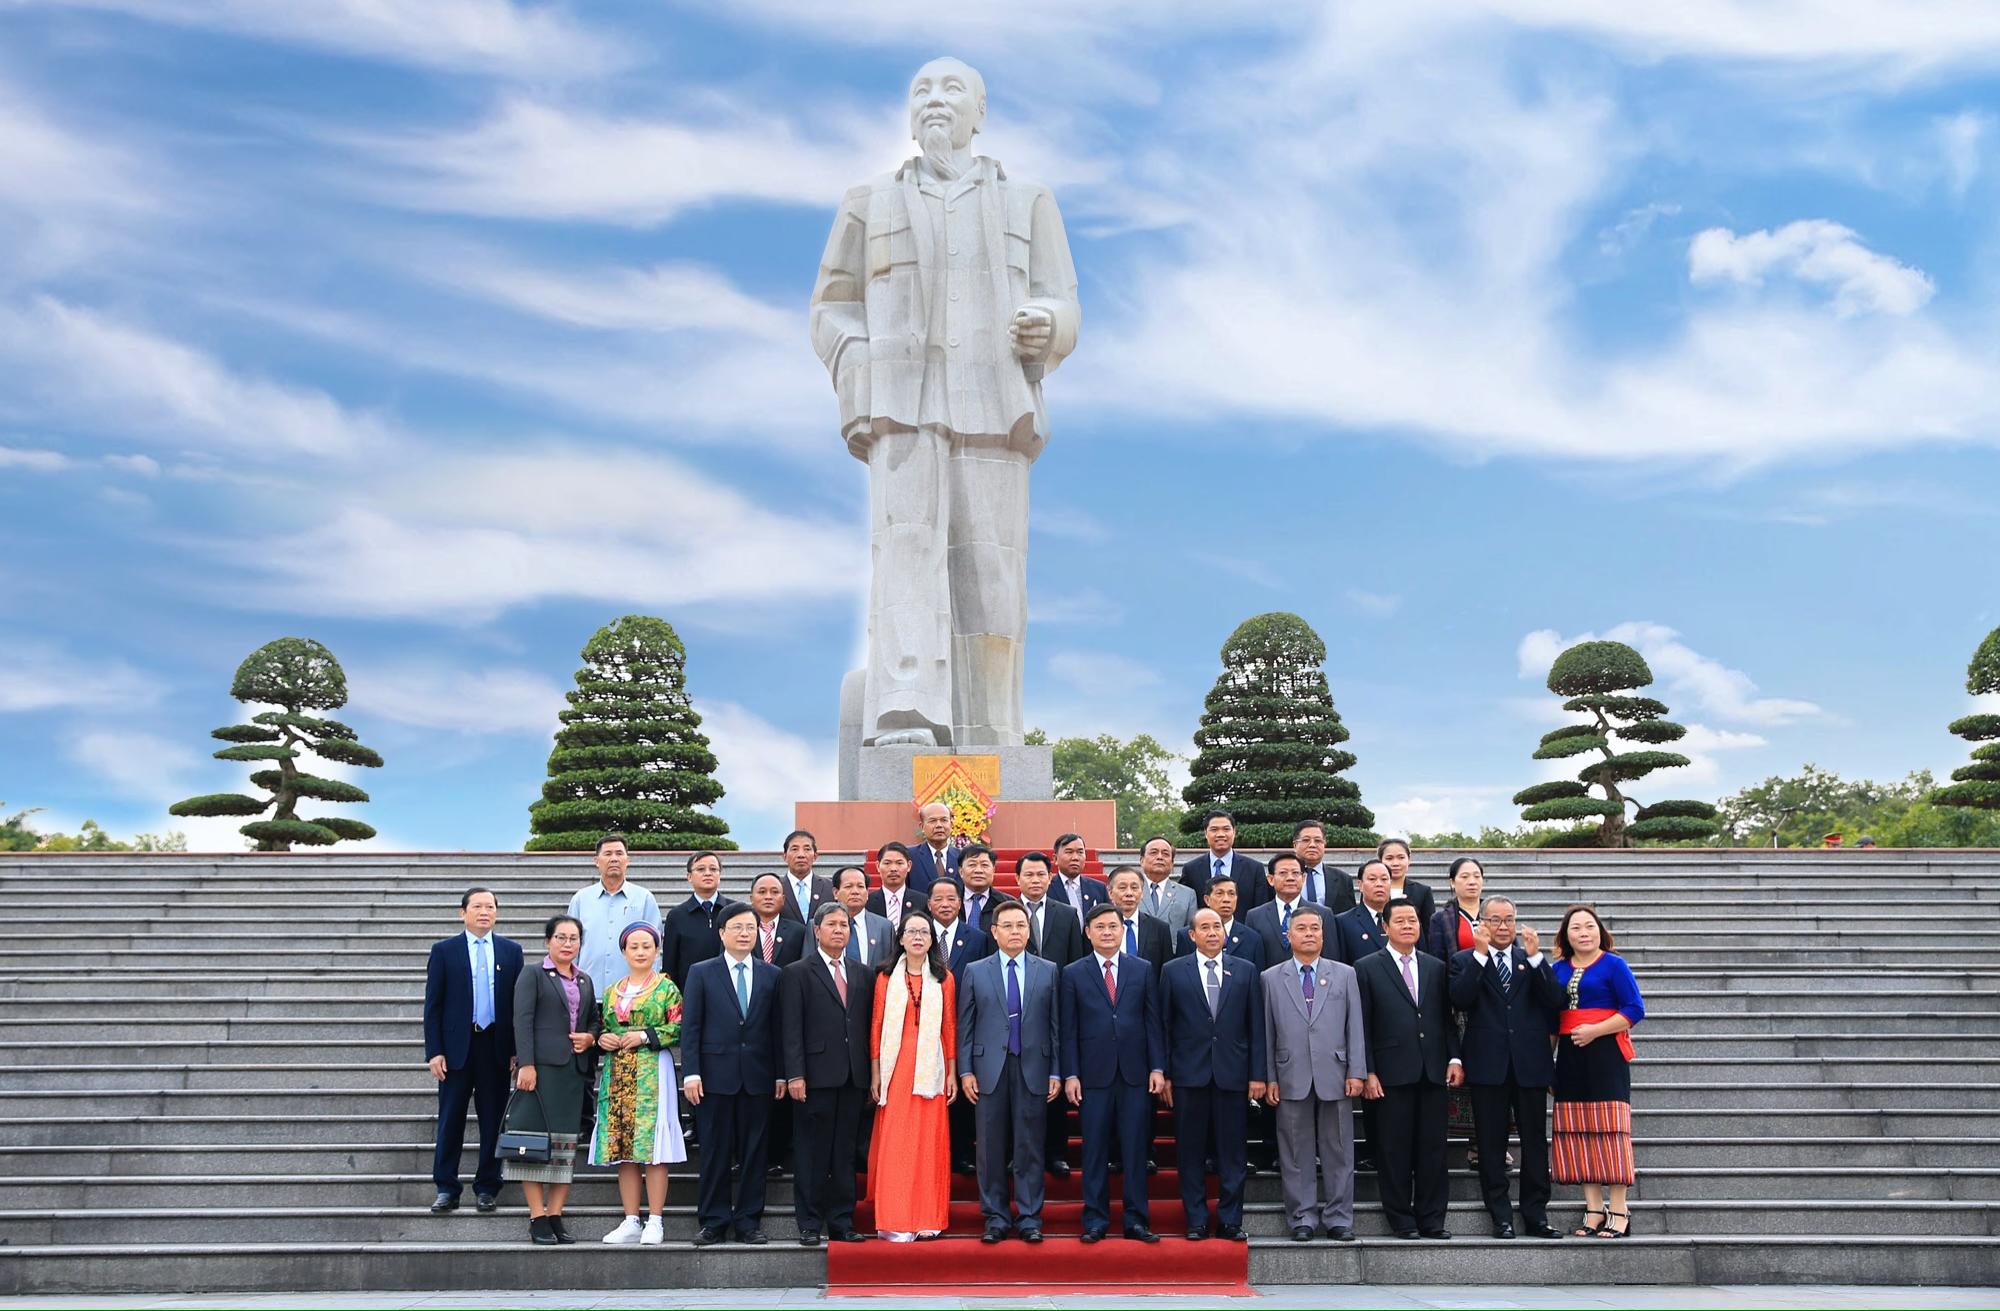 Các đại biểu và đoàn công tác chụp ảnh lưu niệm giới tượng đài Hồ Chí Minh